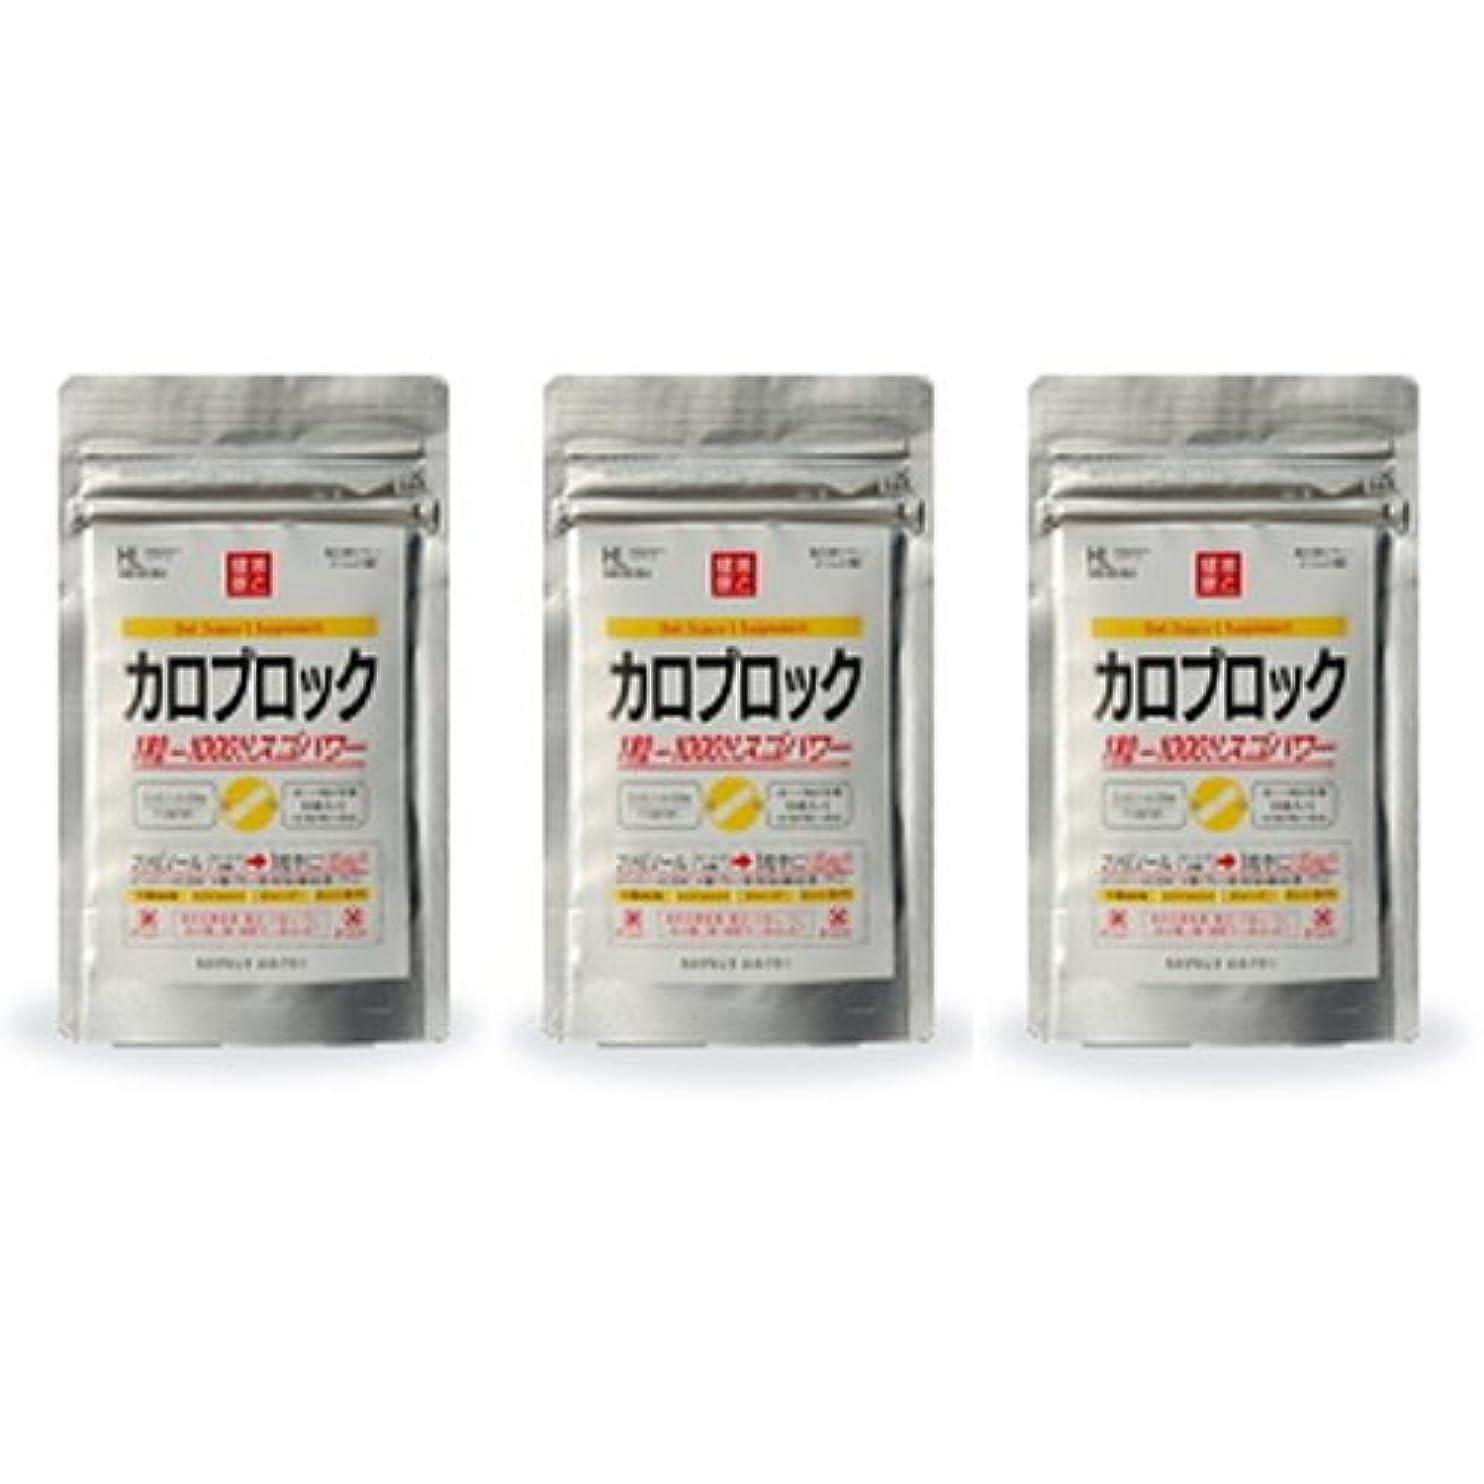 敵対的塗抹各カロブロックスゴパワー 3個セット(白いんげん豆配合ダイエットサプリ)